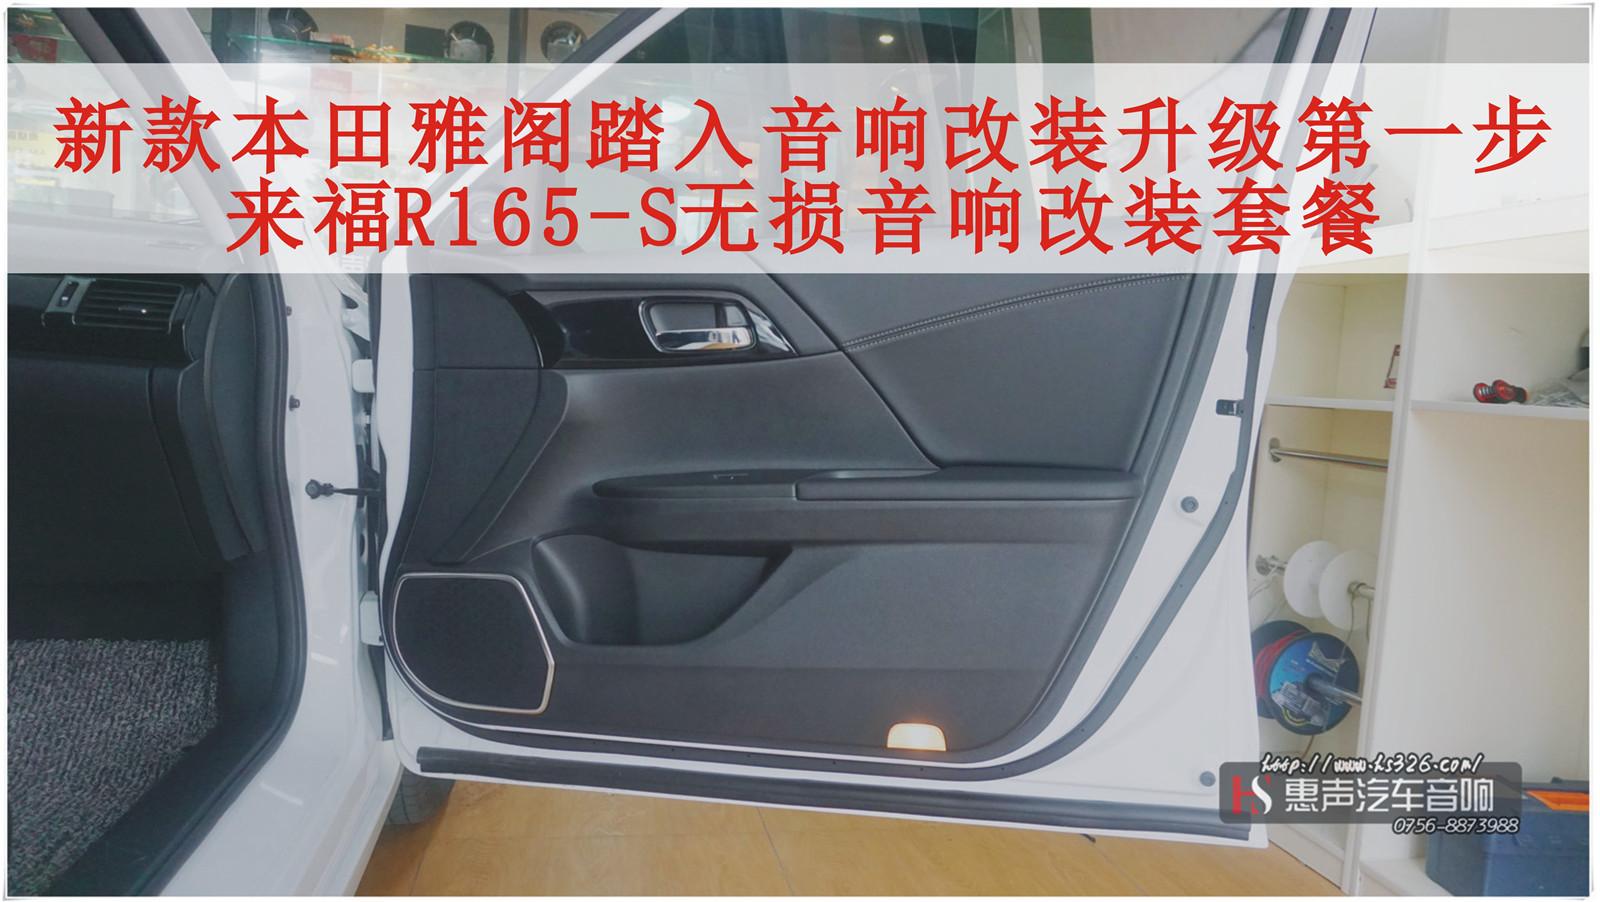 新款本田雅阁踏入音响改装升级第一步,惠声全新品牌套餐-来福R165-S无损音响改装套餐